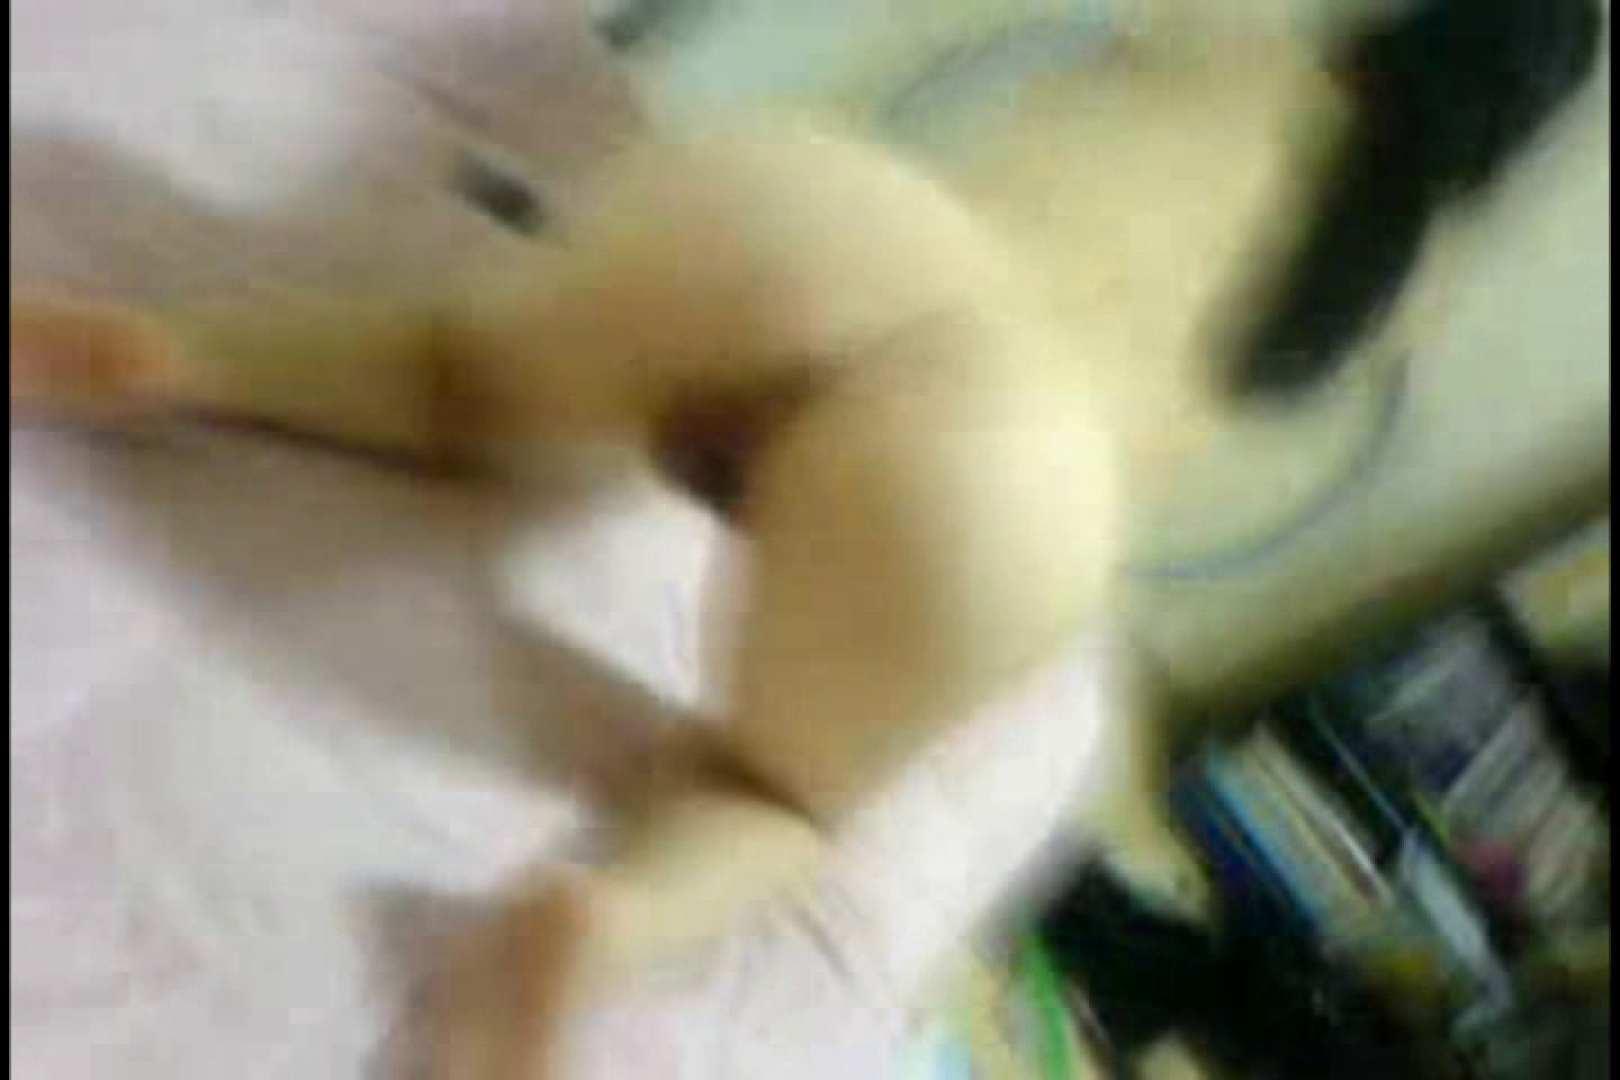 コリアン素人流出シリーズ 自慢の彼女のフェラ映像流出 素人 | おちんちん肉棒  67pic 65